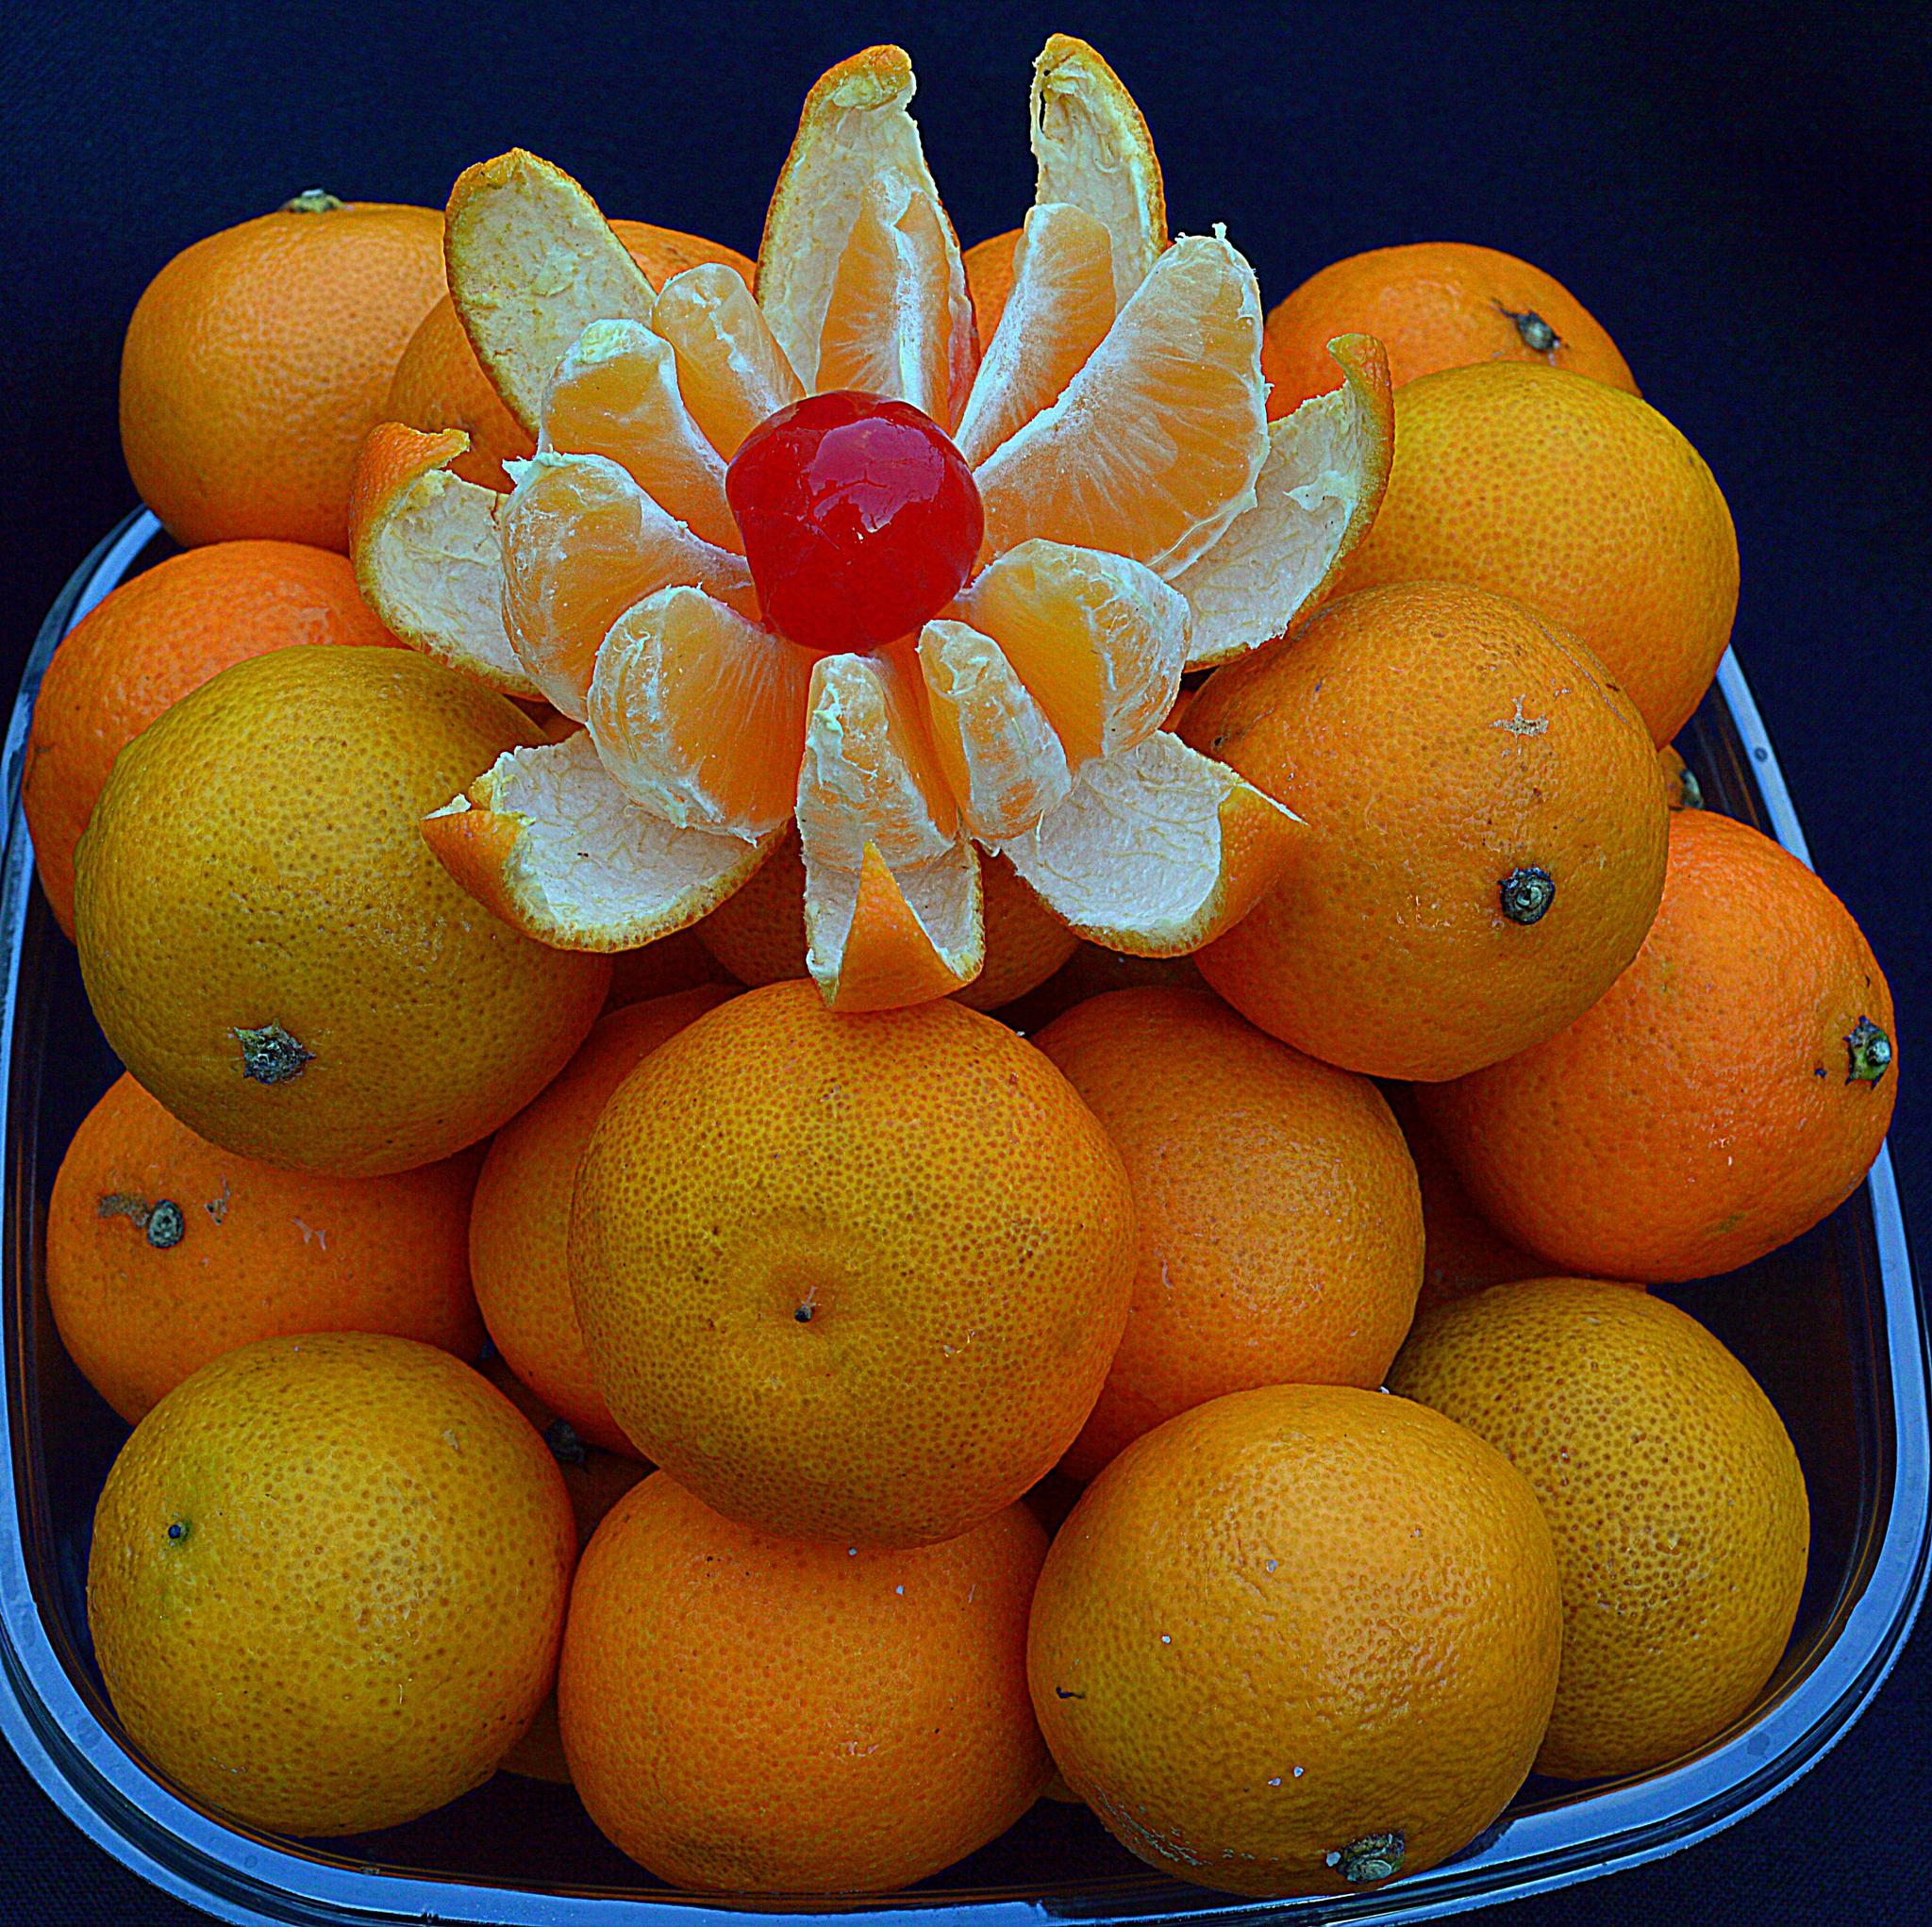 Clementines & cherry. by Andrew Piekut